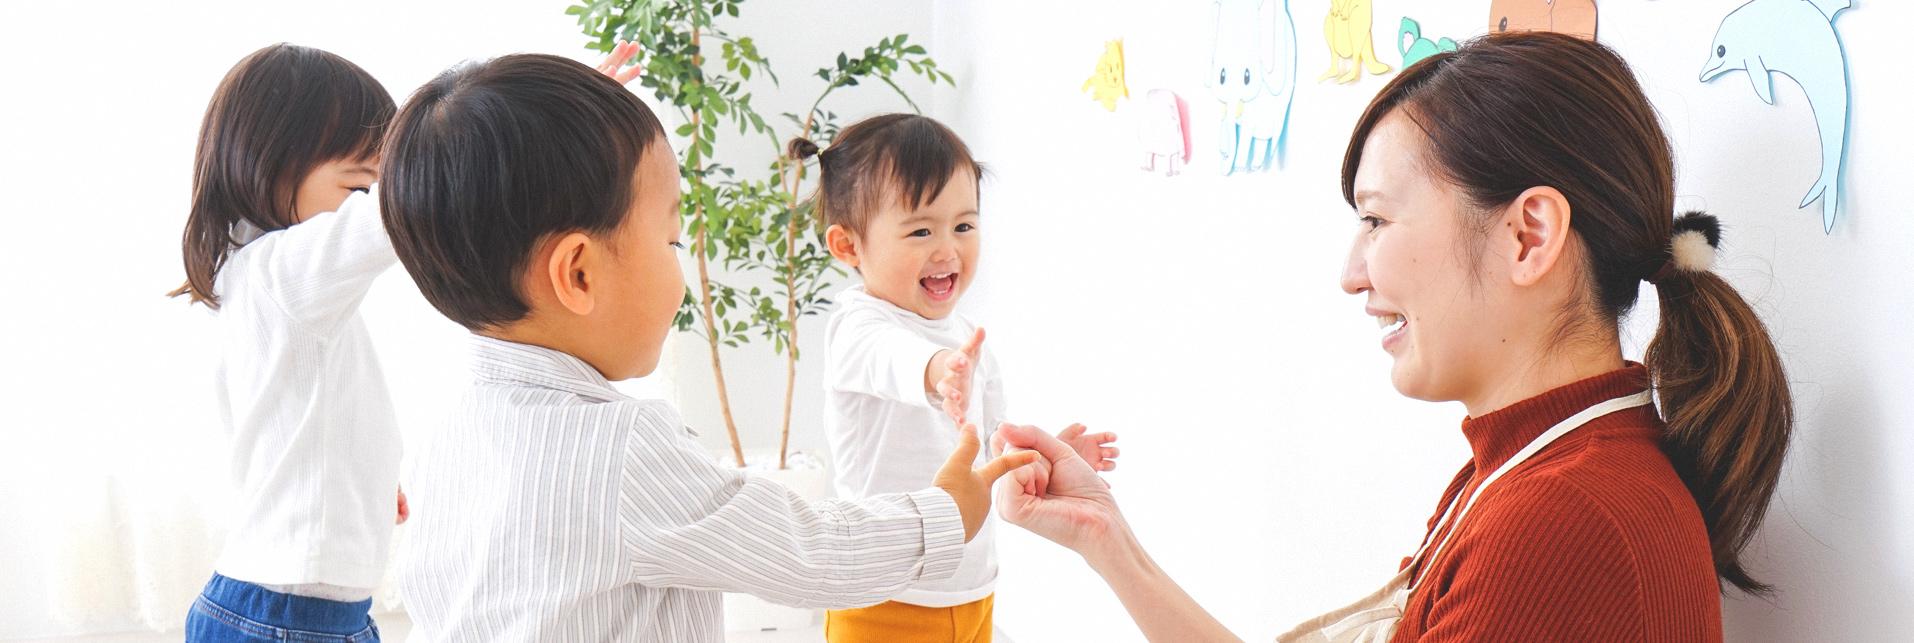 神奈川県の保育園・幼稚園・こども園の求人